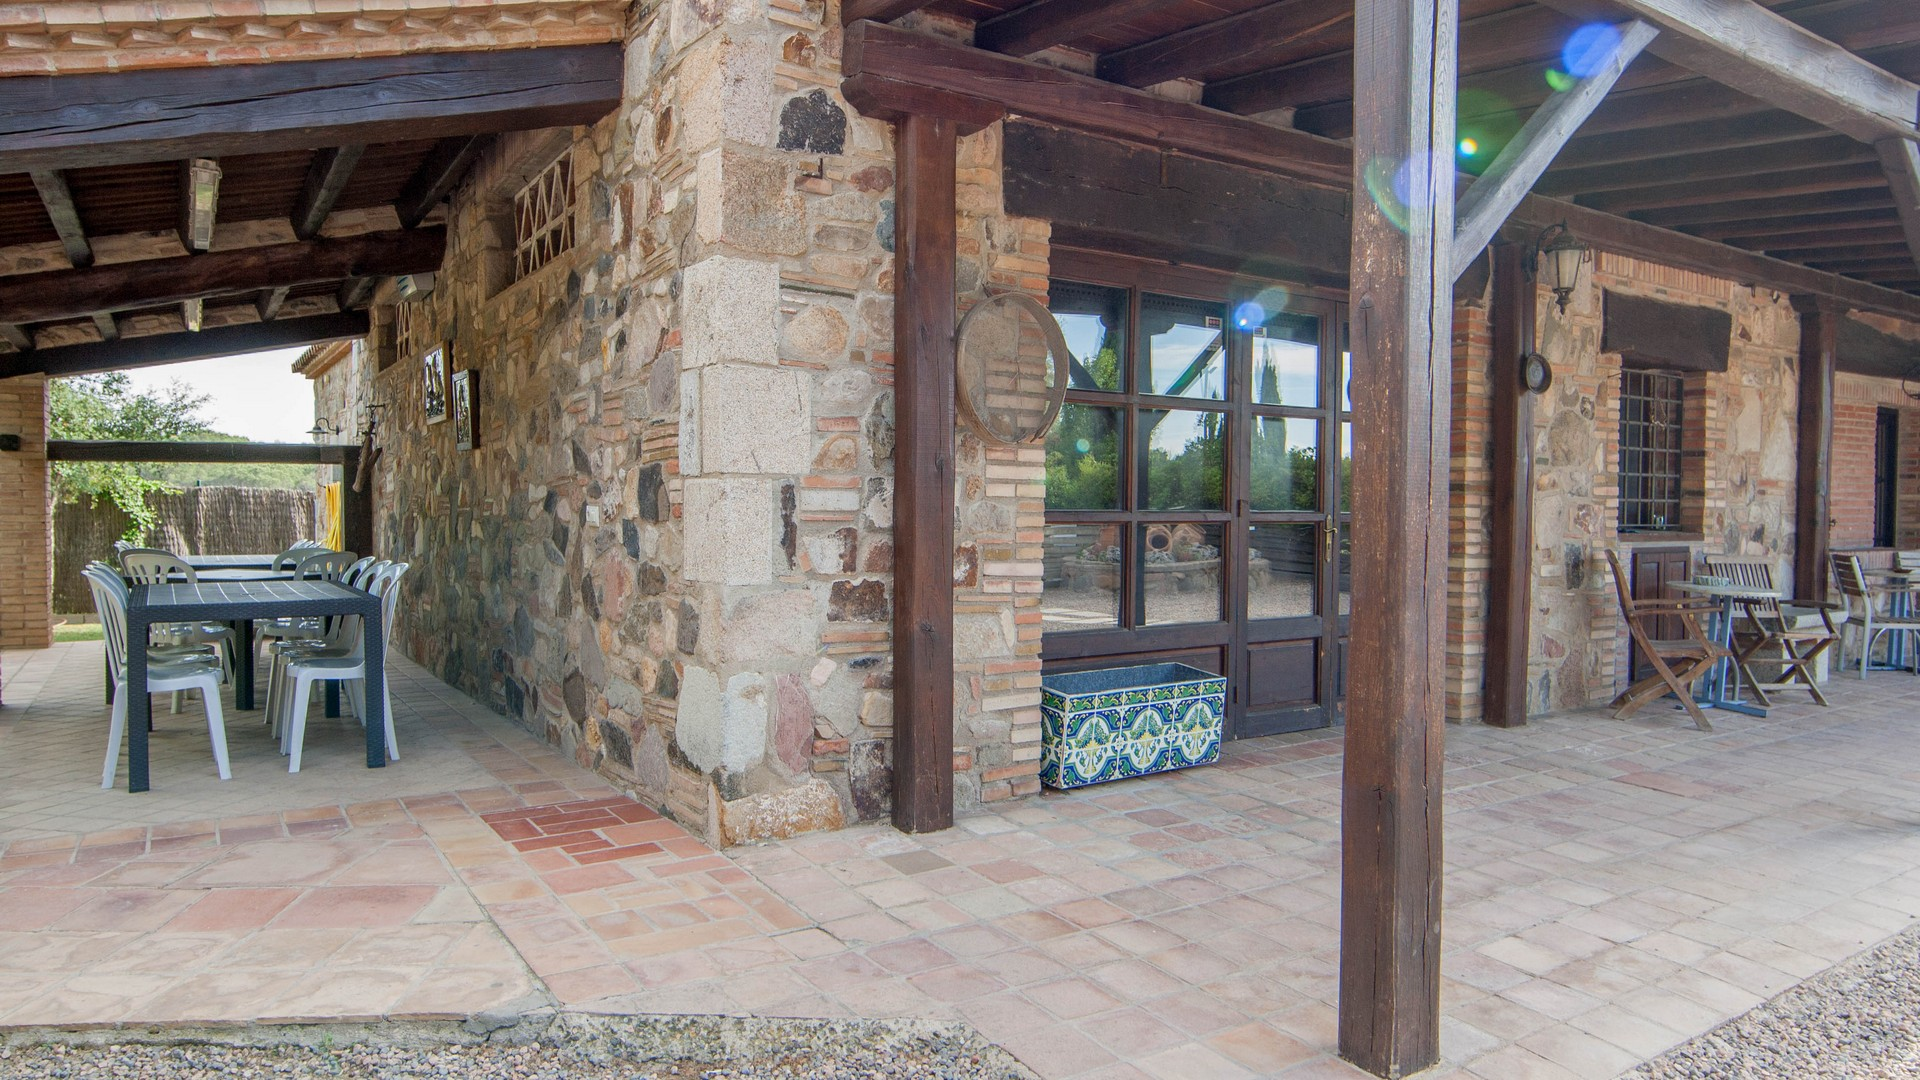 Galer a de fotos de Villa Paller Mas Estrada exterior